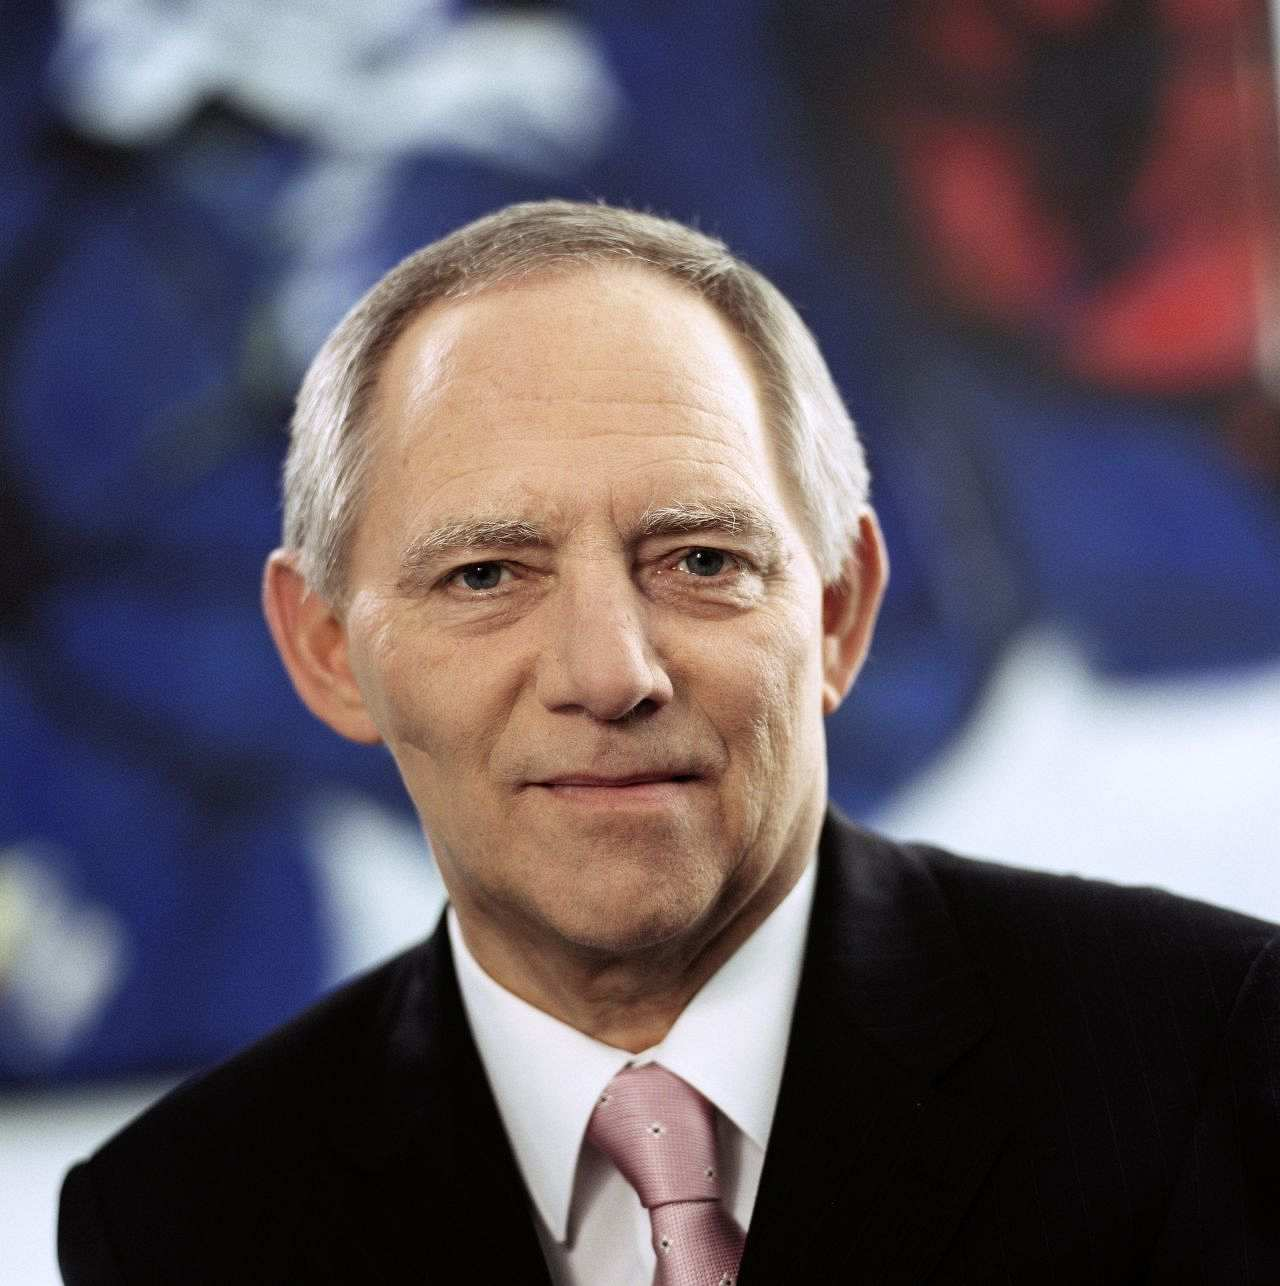 Wolfgang Schauble Wikipedia 12